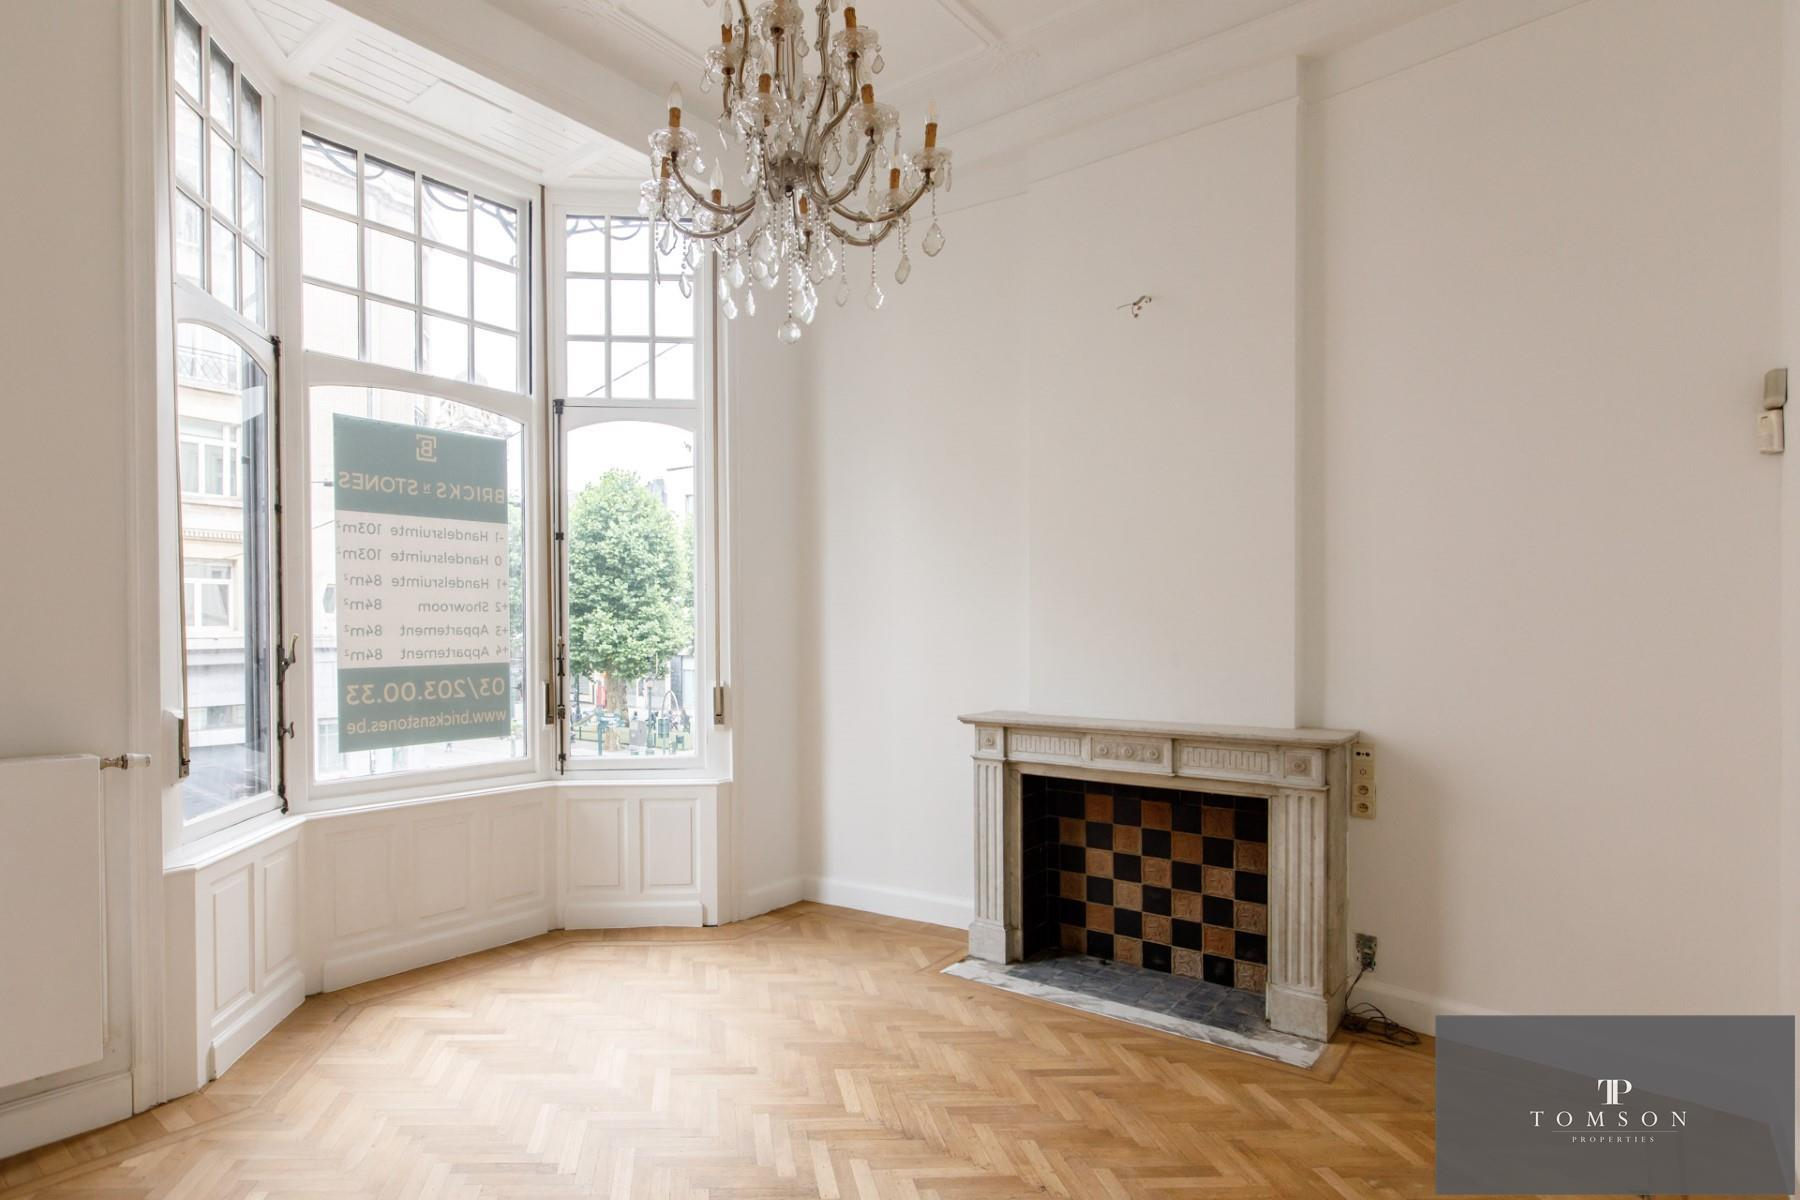 Apartment block  - Bruxelles - #3686869-40